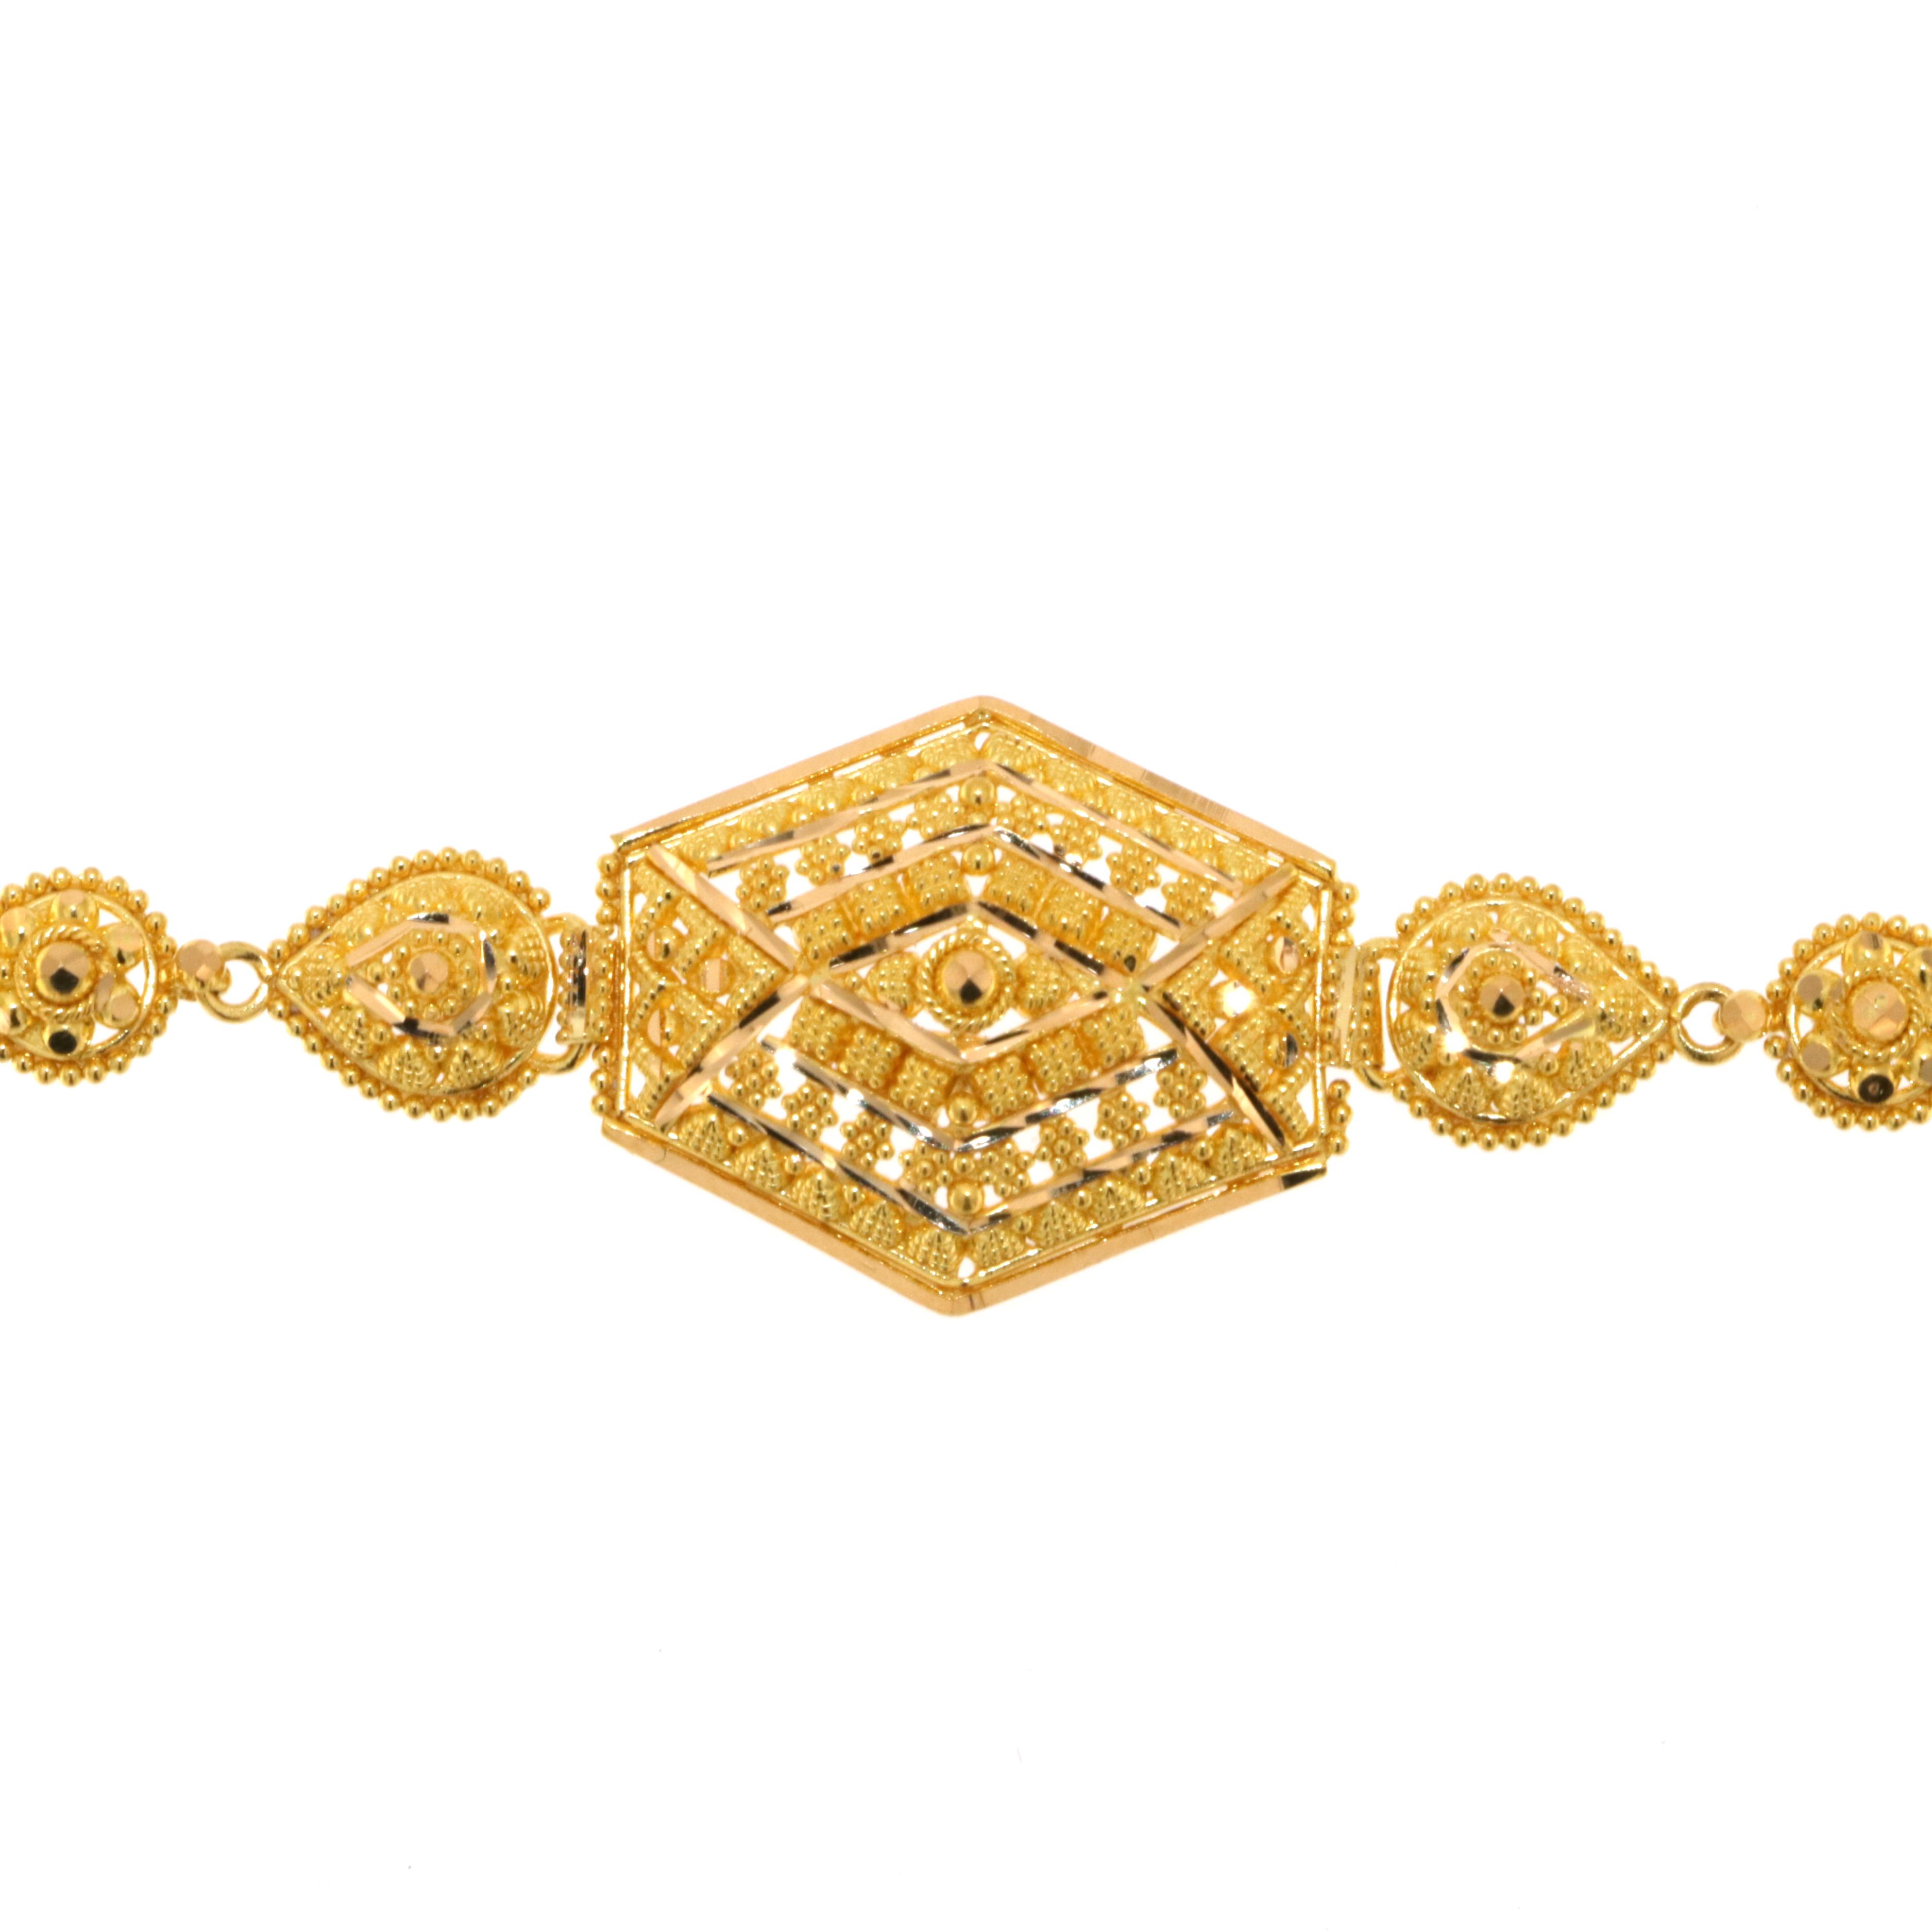 Bracelet2-2Best.Jpg